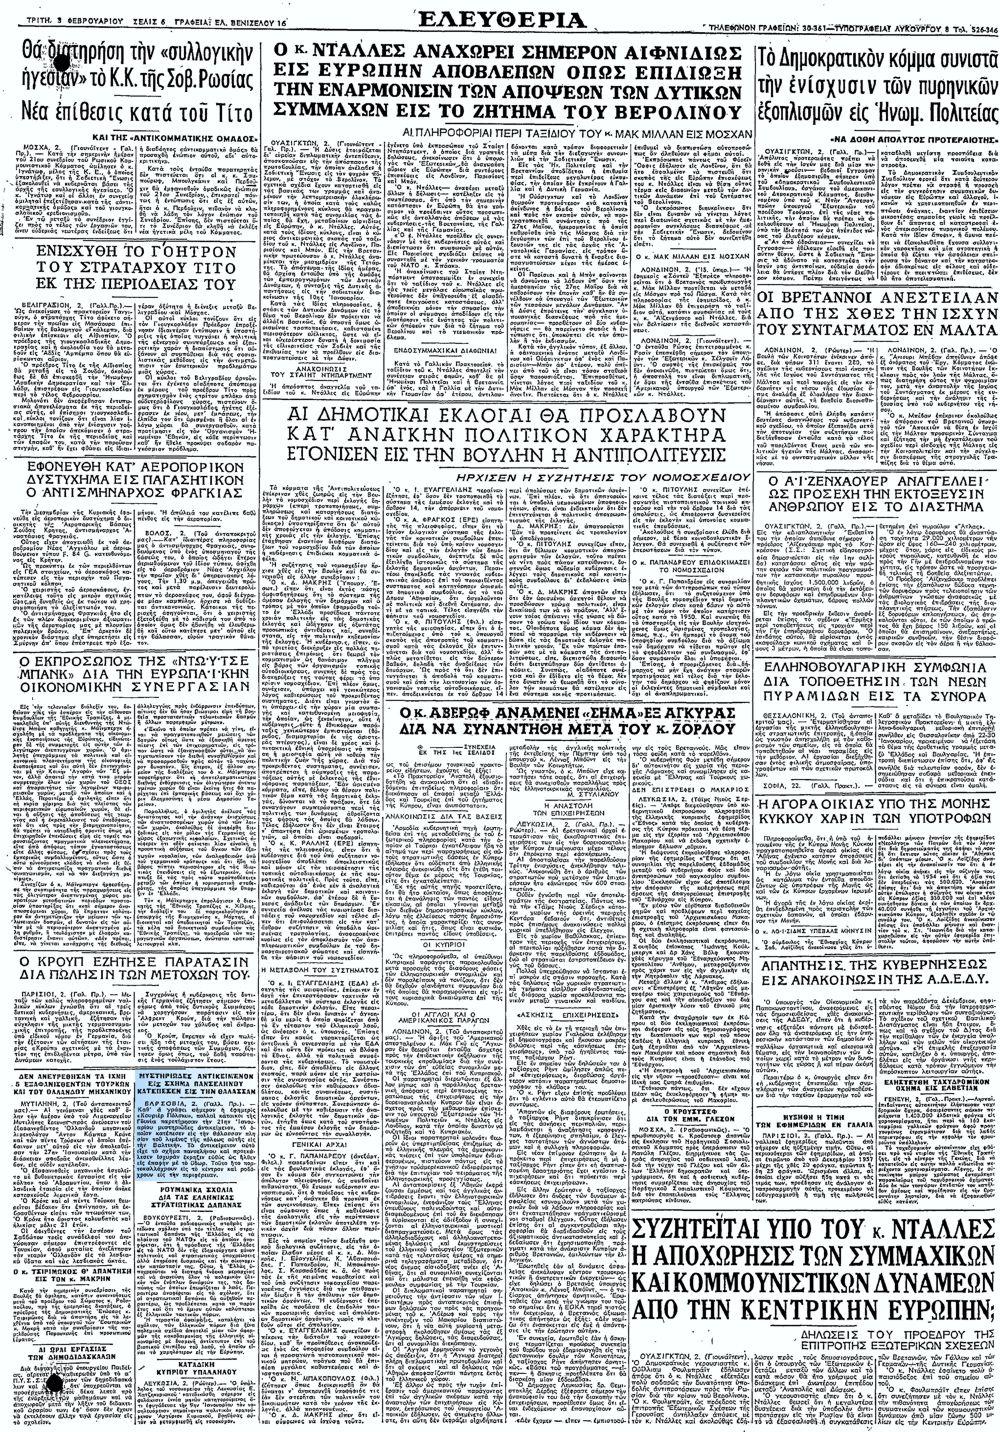 """Το άρθρο, όπως δημοσιεύθηκε στην εφημερίδα """"ΕΛΕΥΘΕΡΙΑ"""", στις 03/02/1959"""